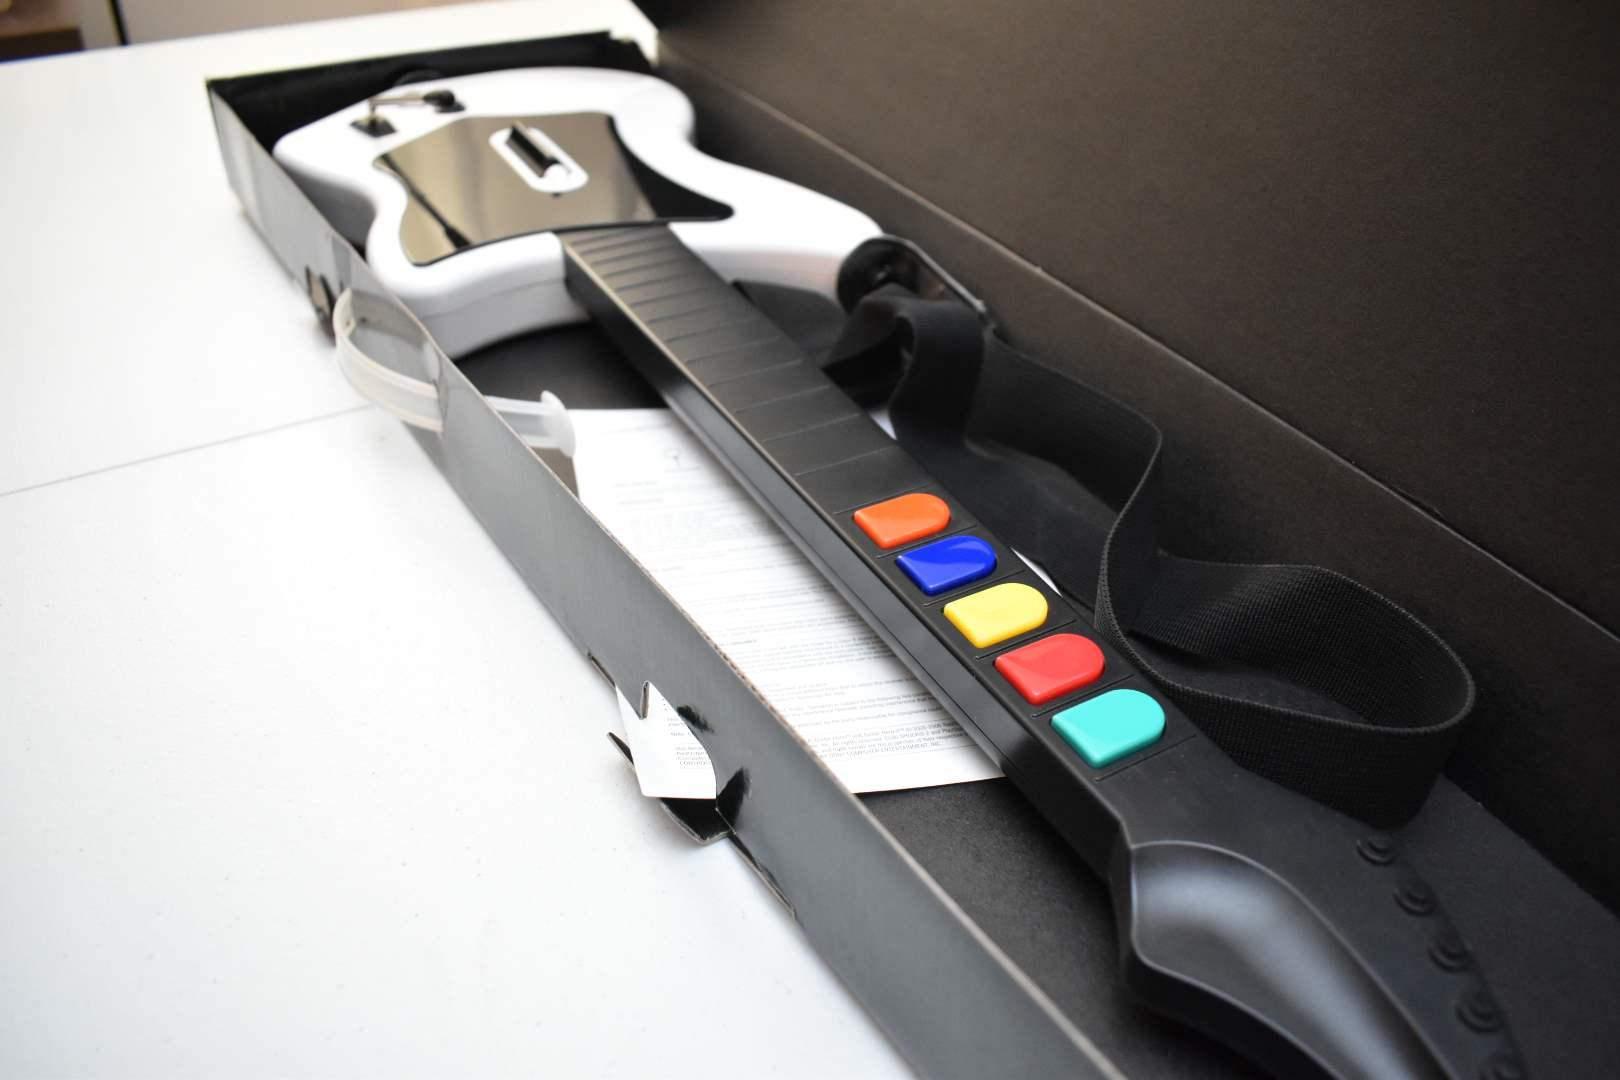 Guitar Hero Guitar with Box